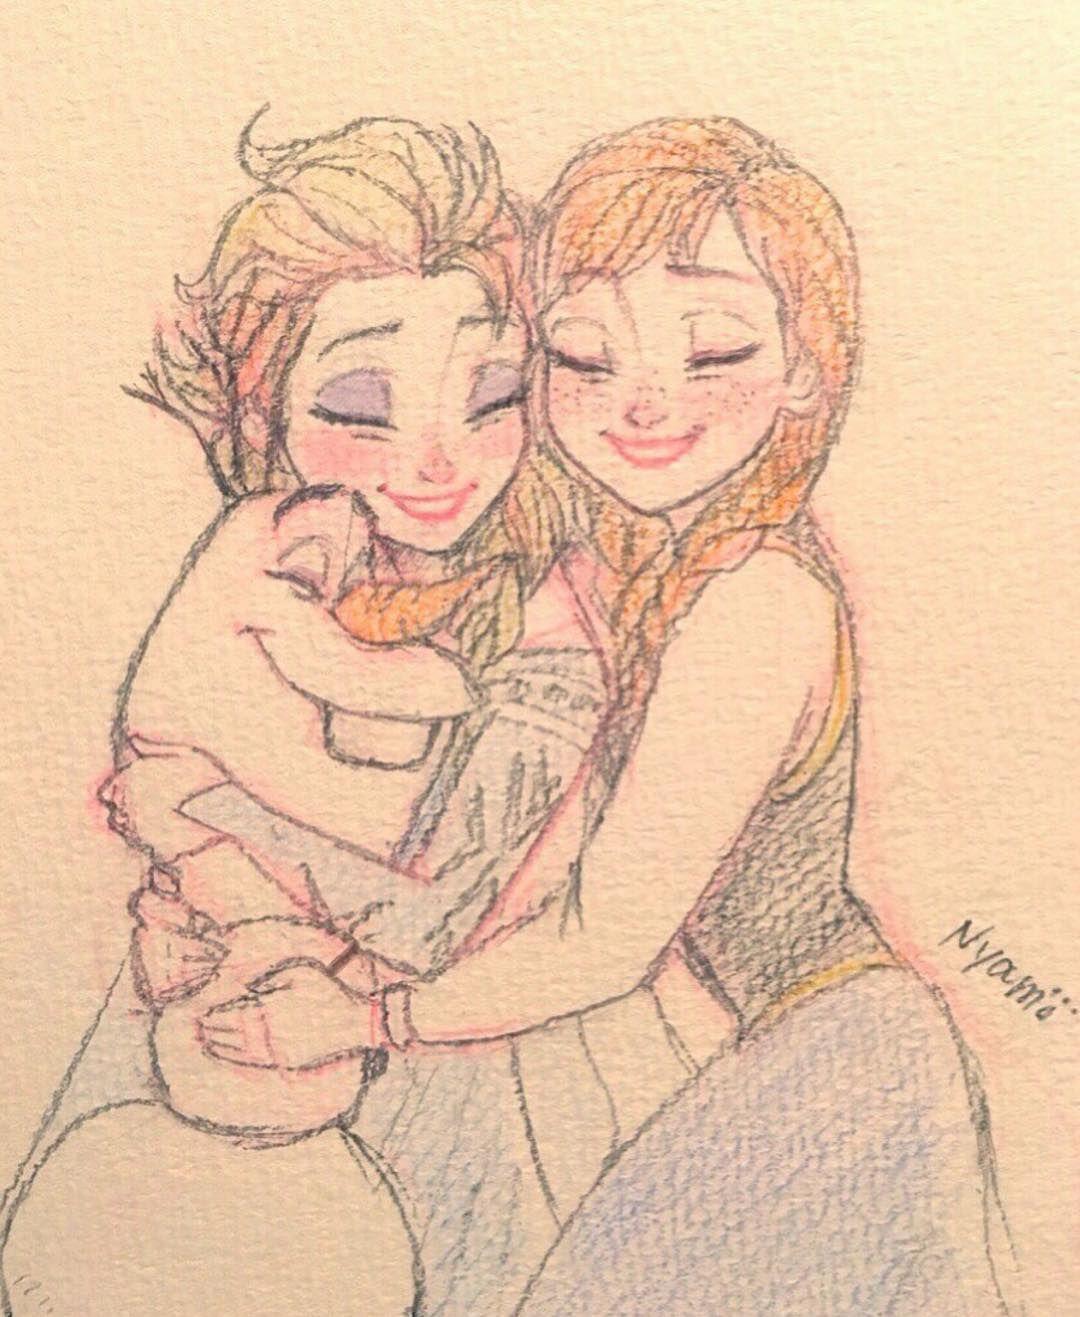 2015 12 17 I Love Warm Hugs Frozen Elsa Anna Olaf Disney Sketch Drawing Doodle Fanart Frozen Art Frozen Fan Art Frozen Drawings